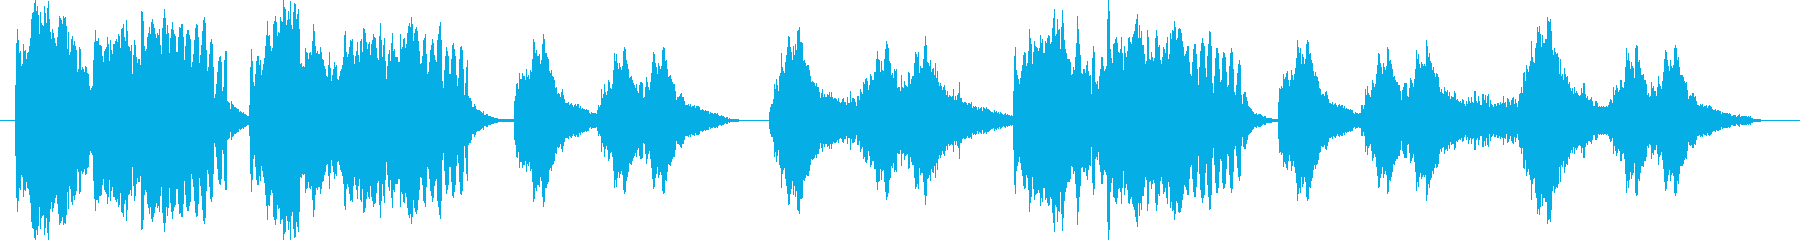 フルート、ハープ、ウィンドチャイム...の再生済みの波形